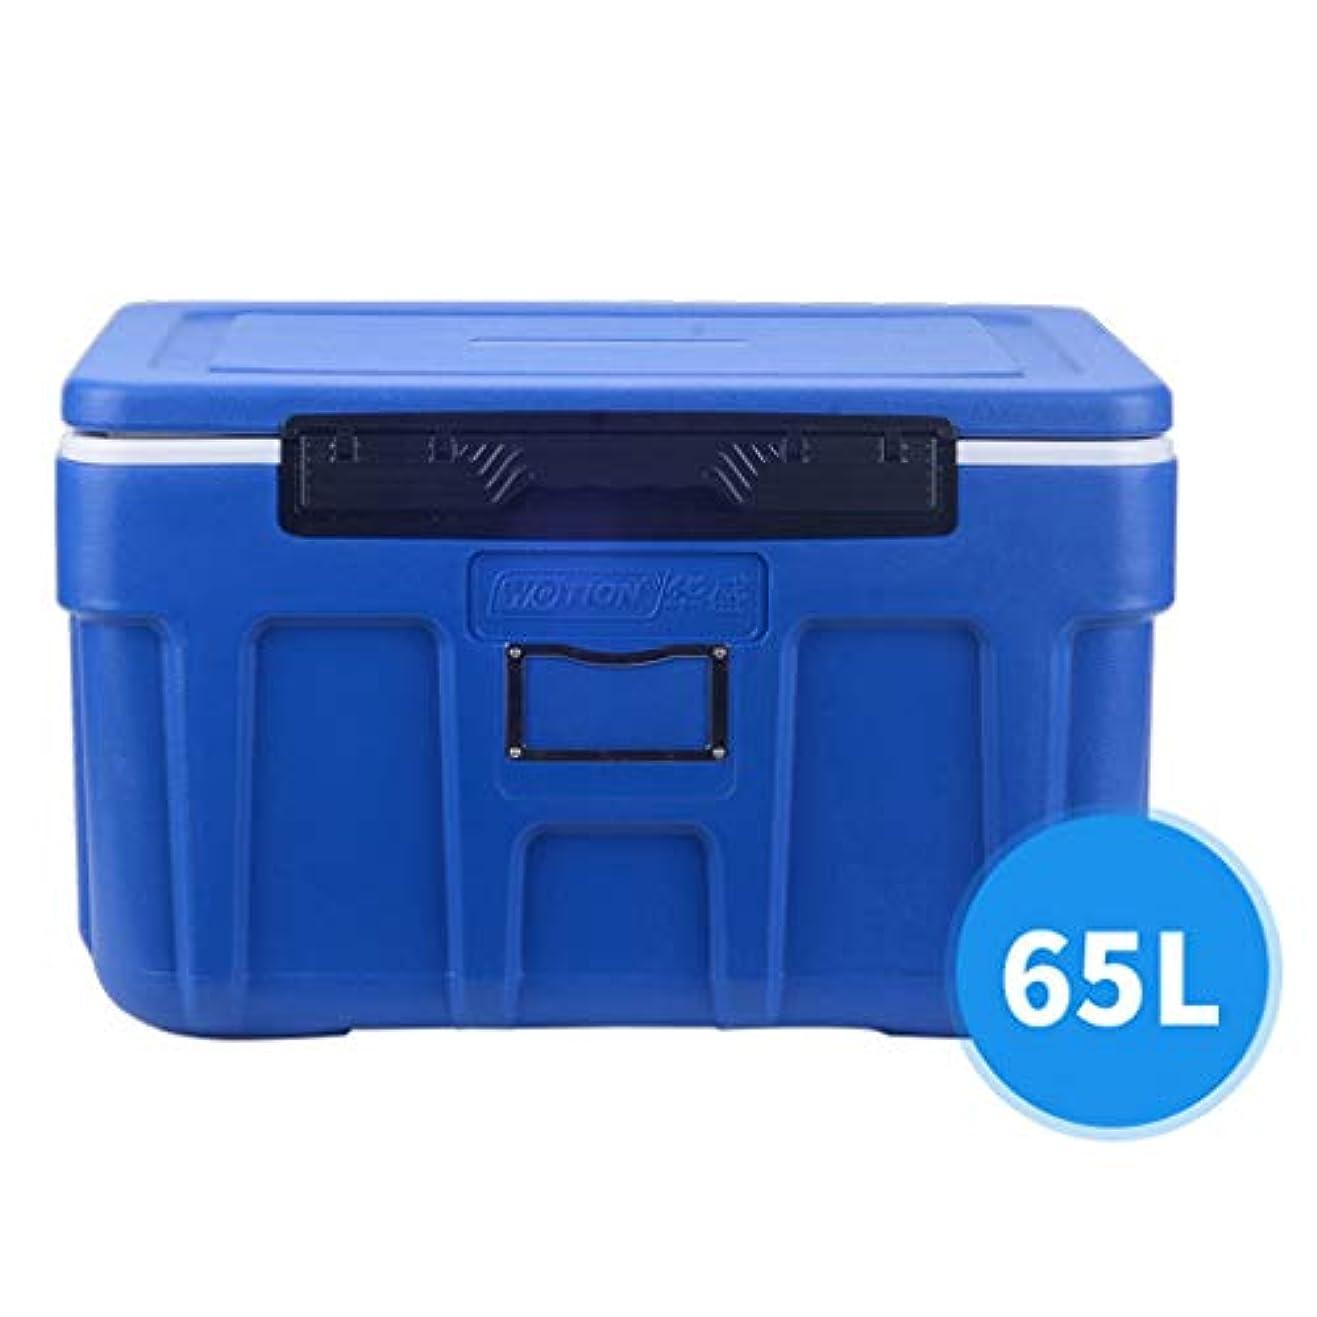 繕う噴出する素晴らしさ携帯用車の冷凍箱および絶縁材箱、 旅行?キャンプ用(65L)